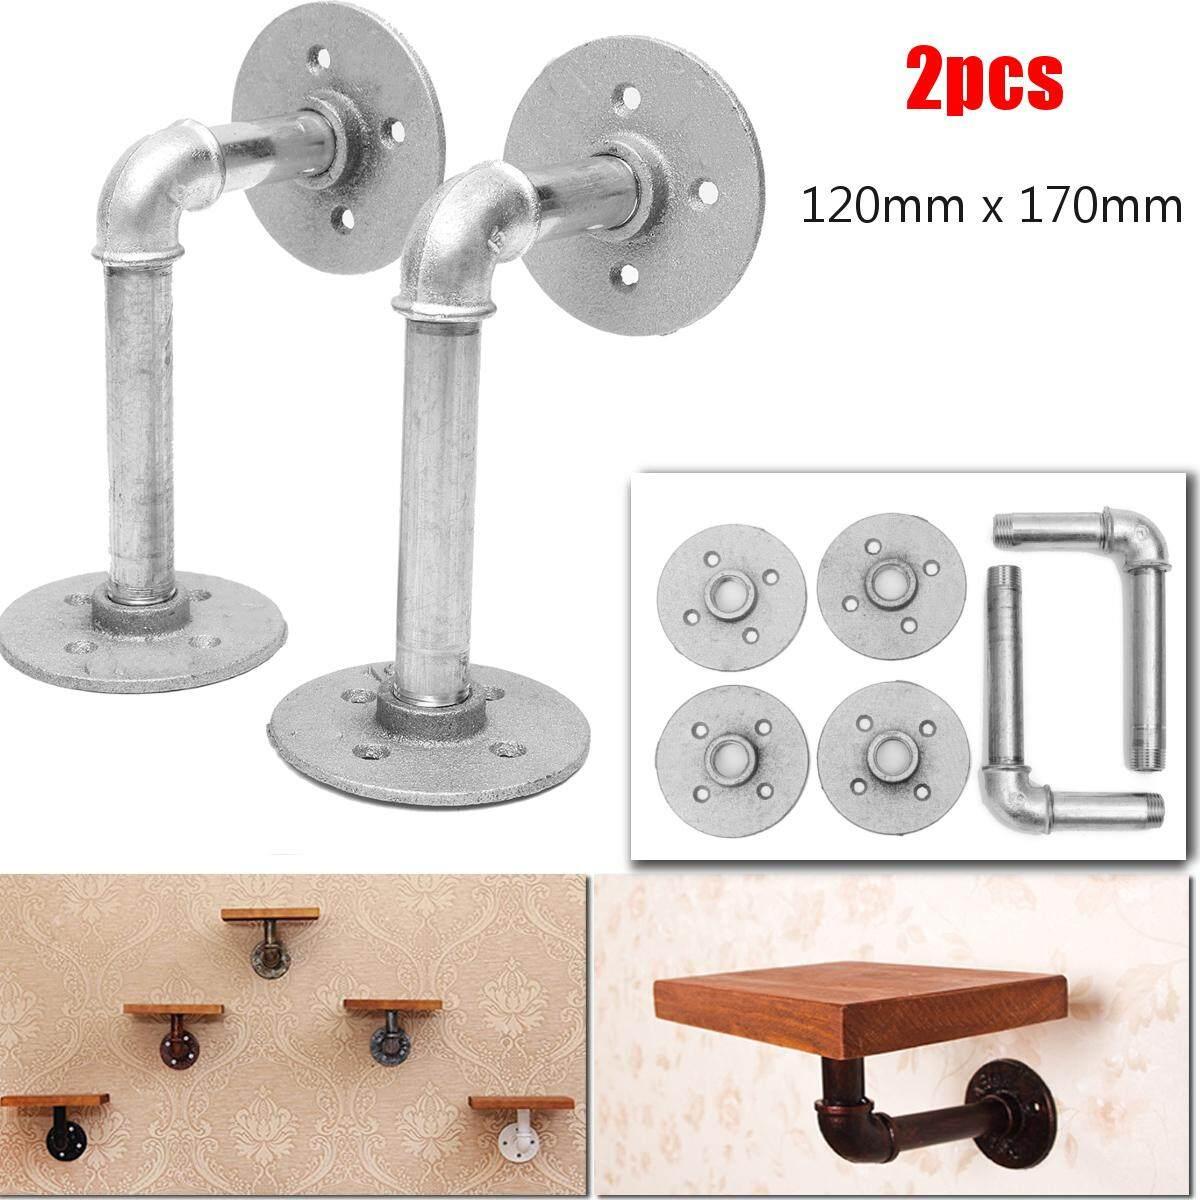 2x Vintage Industrial Steampunk Iron DIY Pipe Shelf Brackets Support Holder